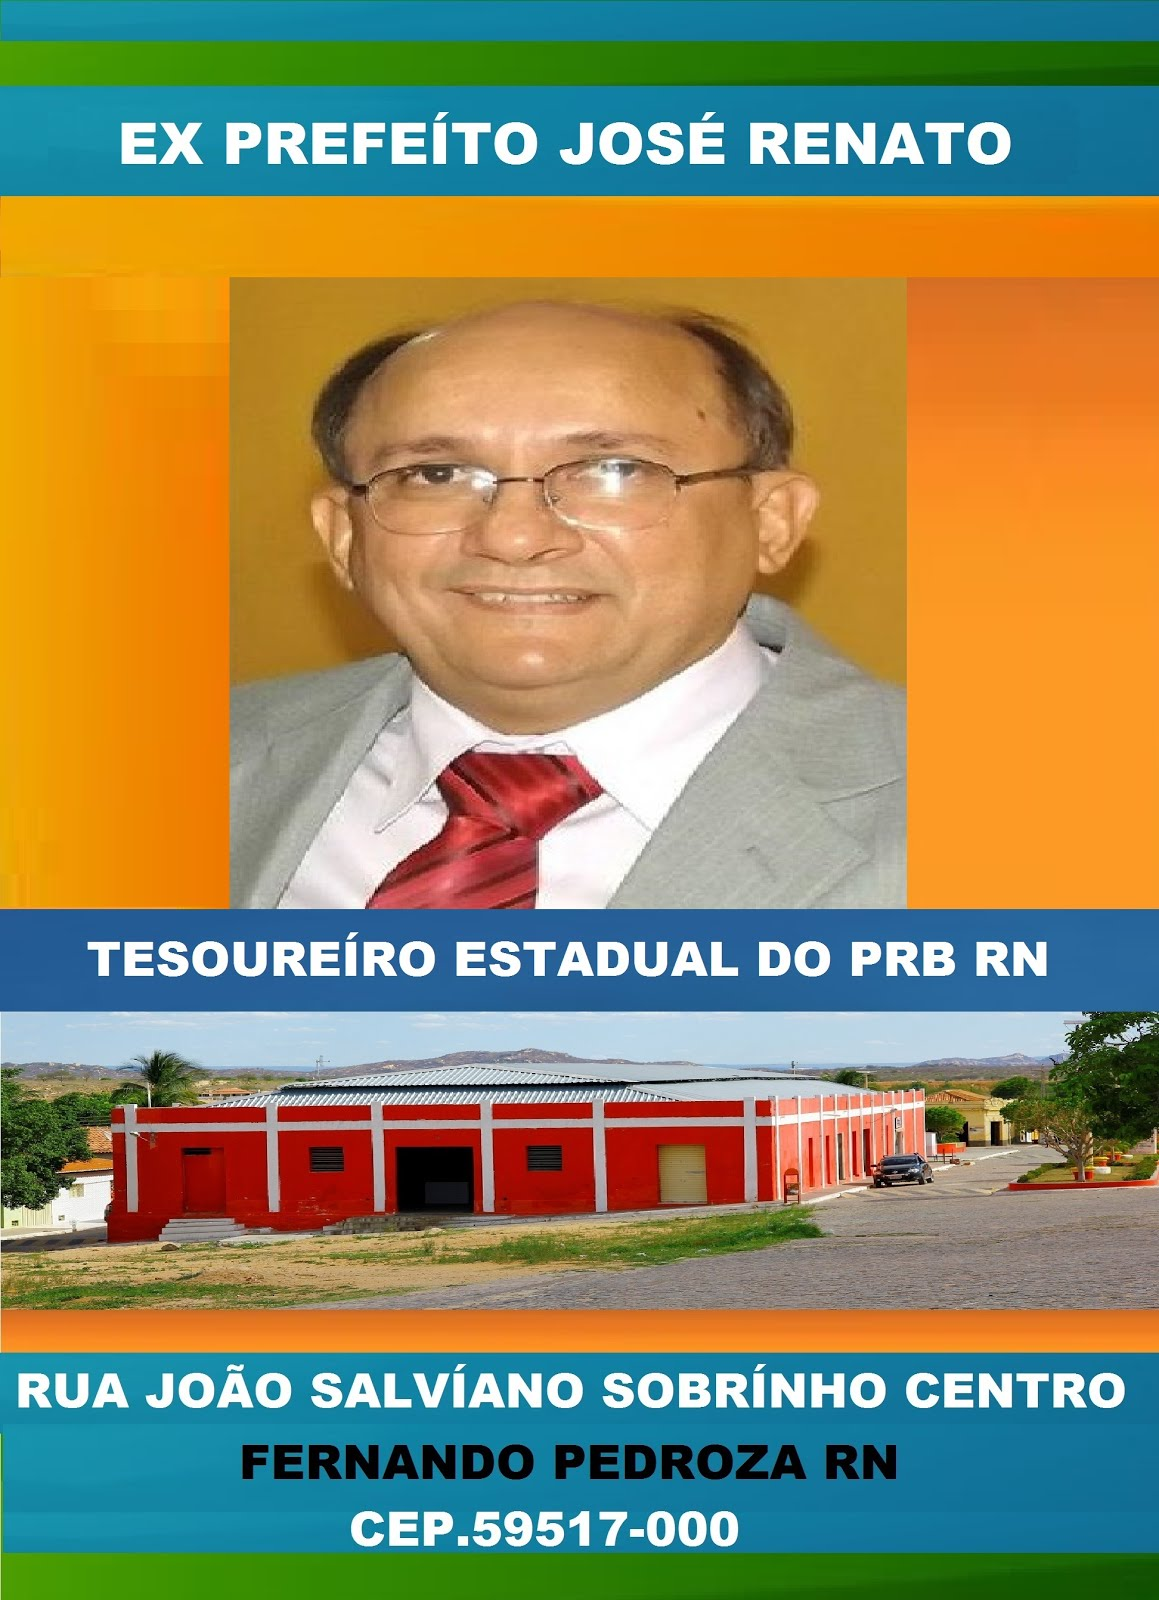 EX PREFEÍTO JOSÉ RENATO F.PEDROZA RN